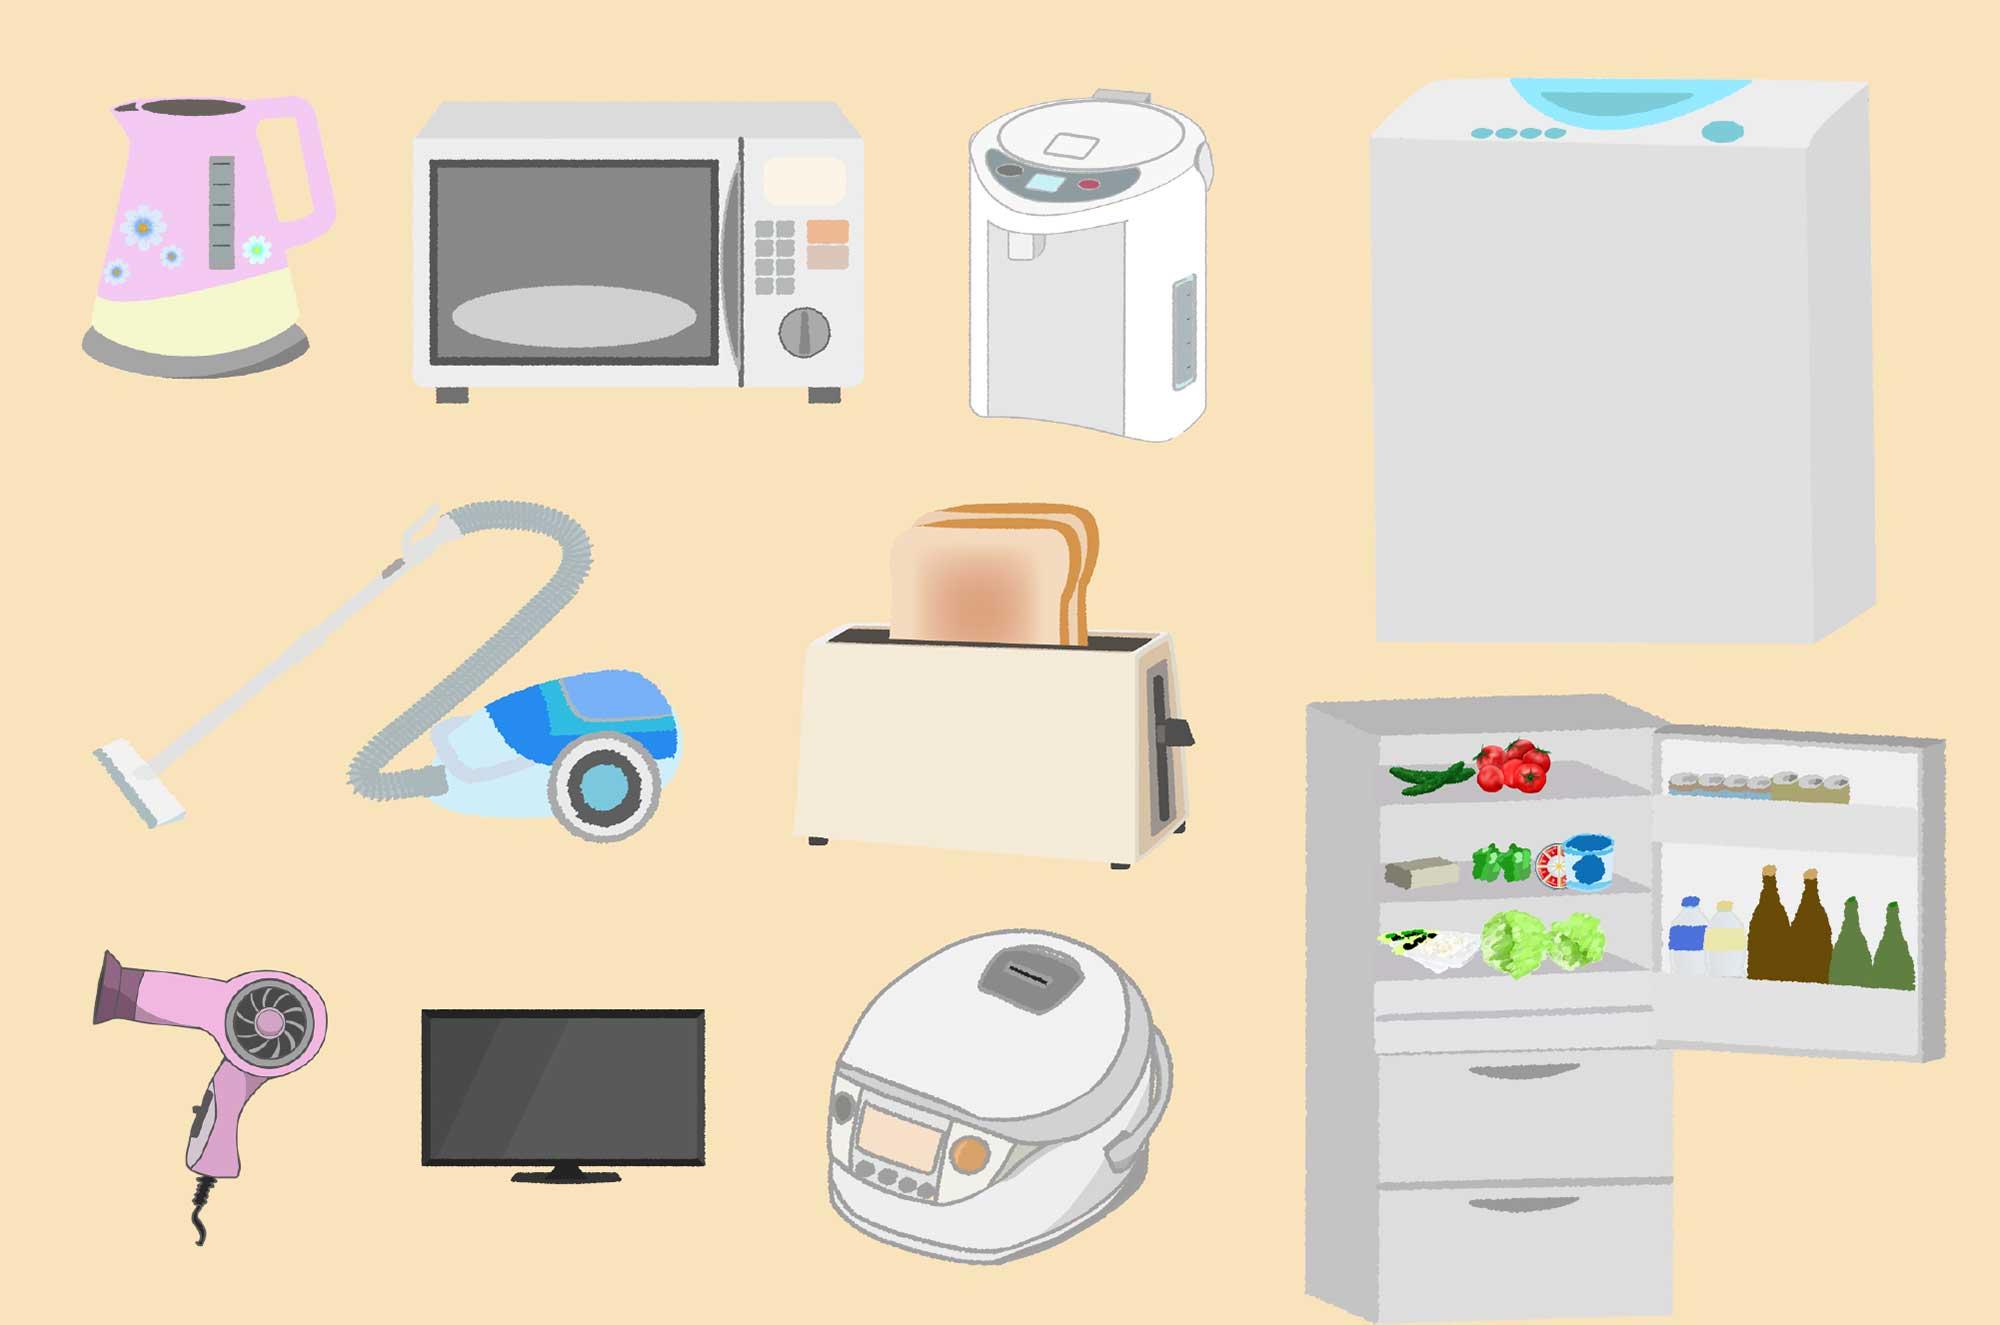 家電のイラスト - 商用利用全てフリーの無料素材集